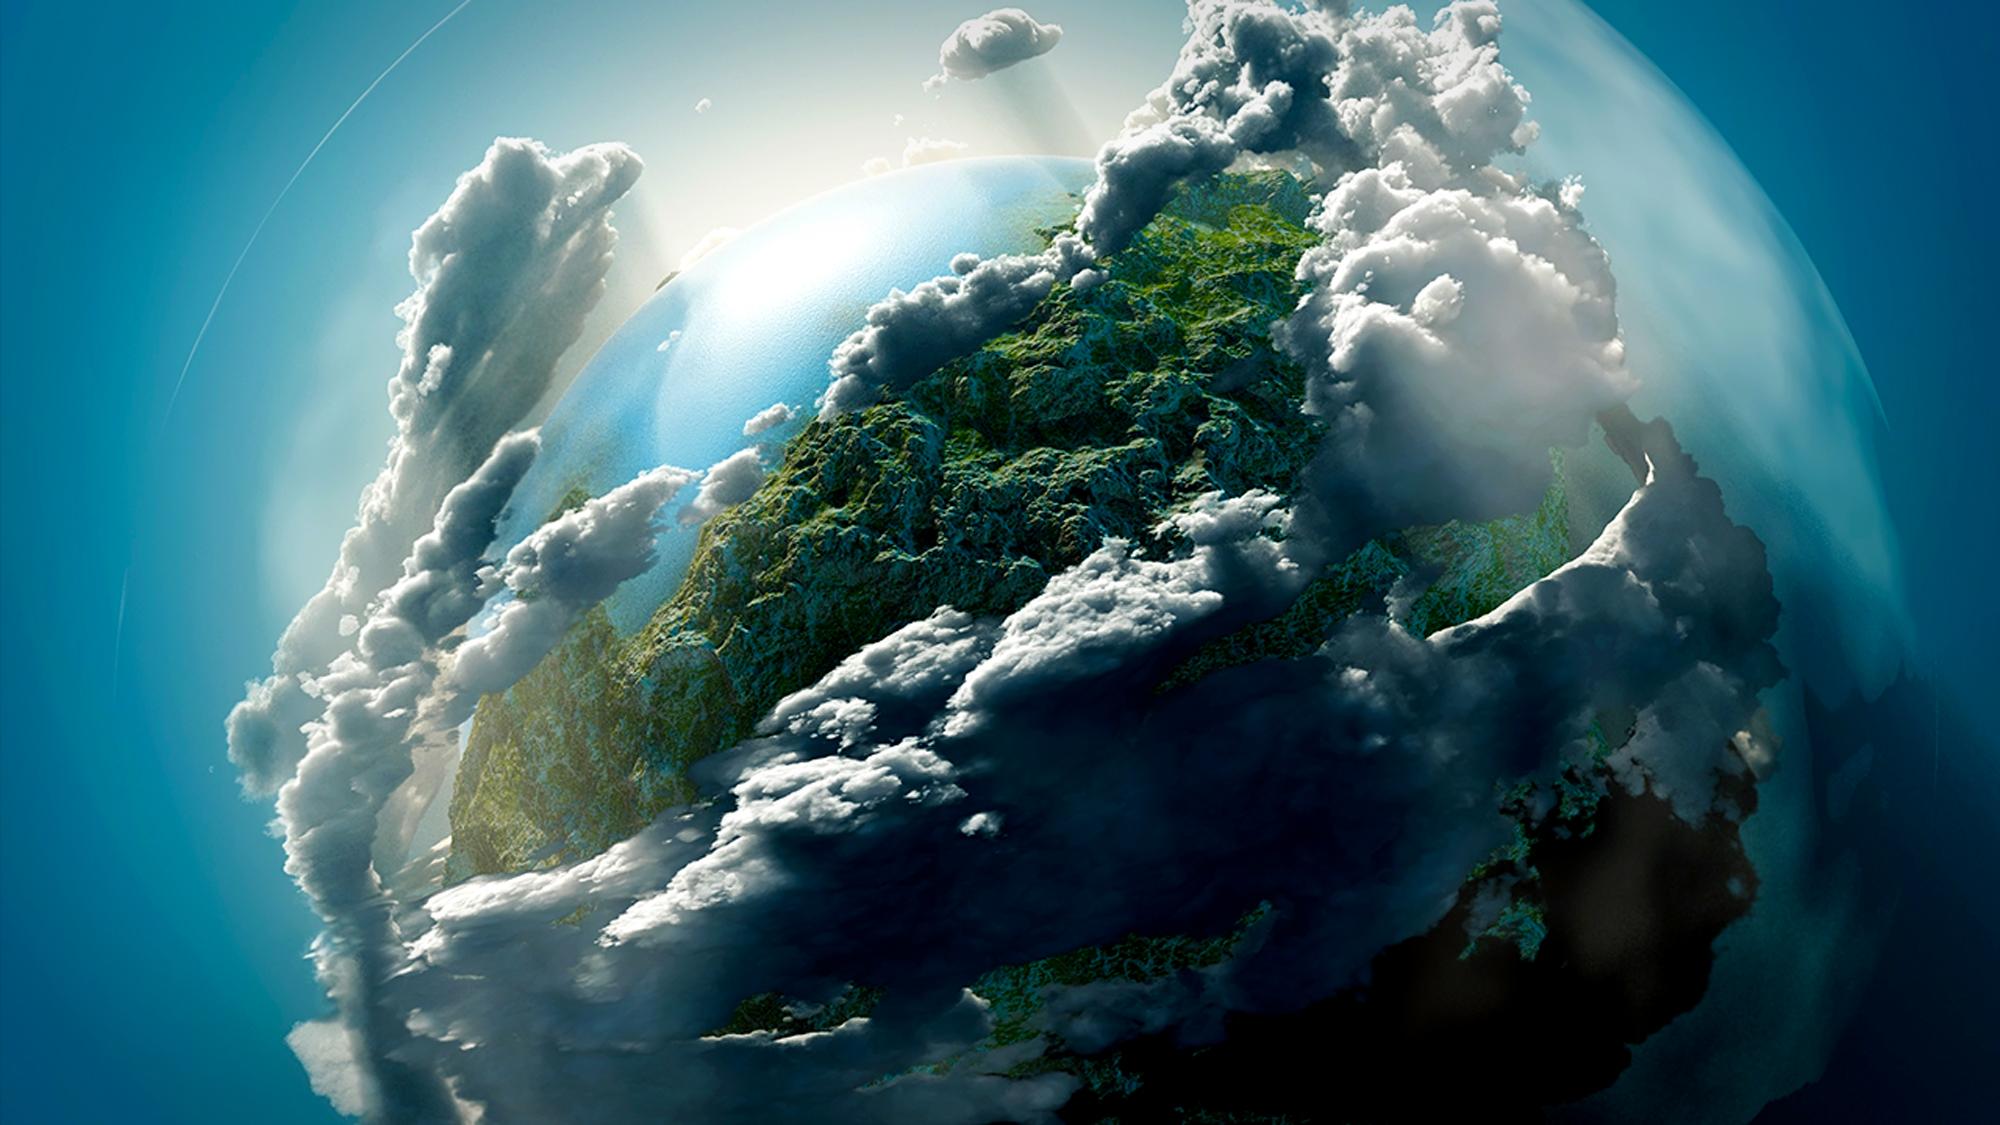 Gambar ilustrasi Bumi Yang Terselubung Lapisan Atmosfer